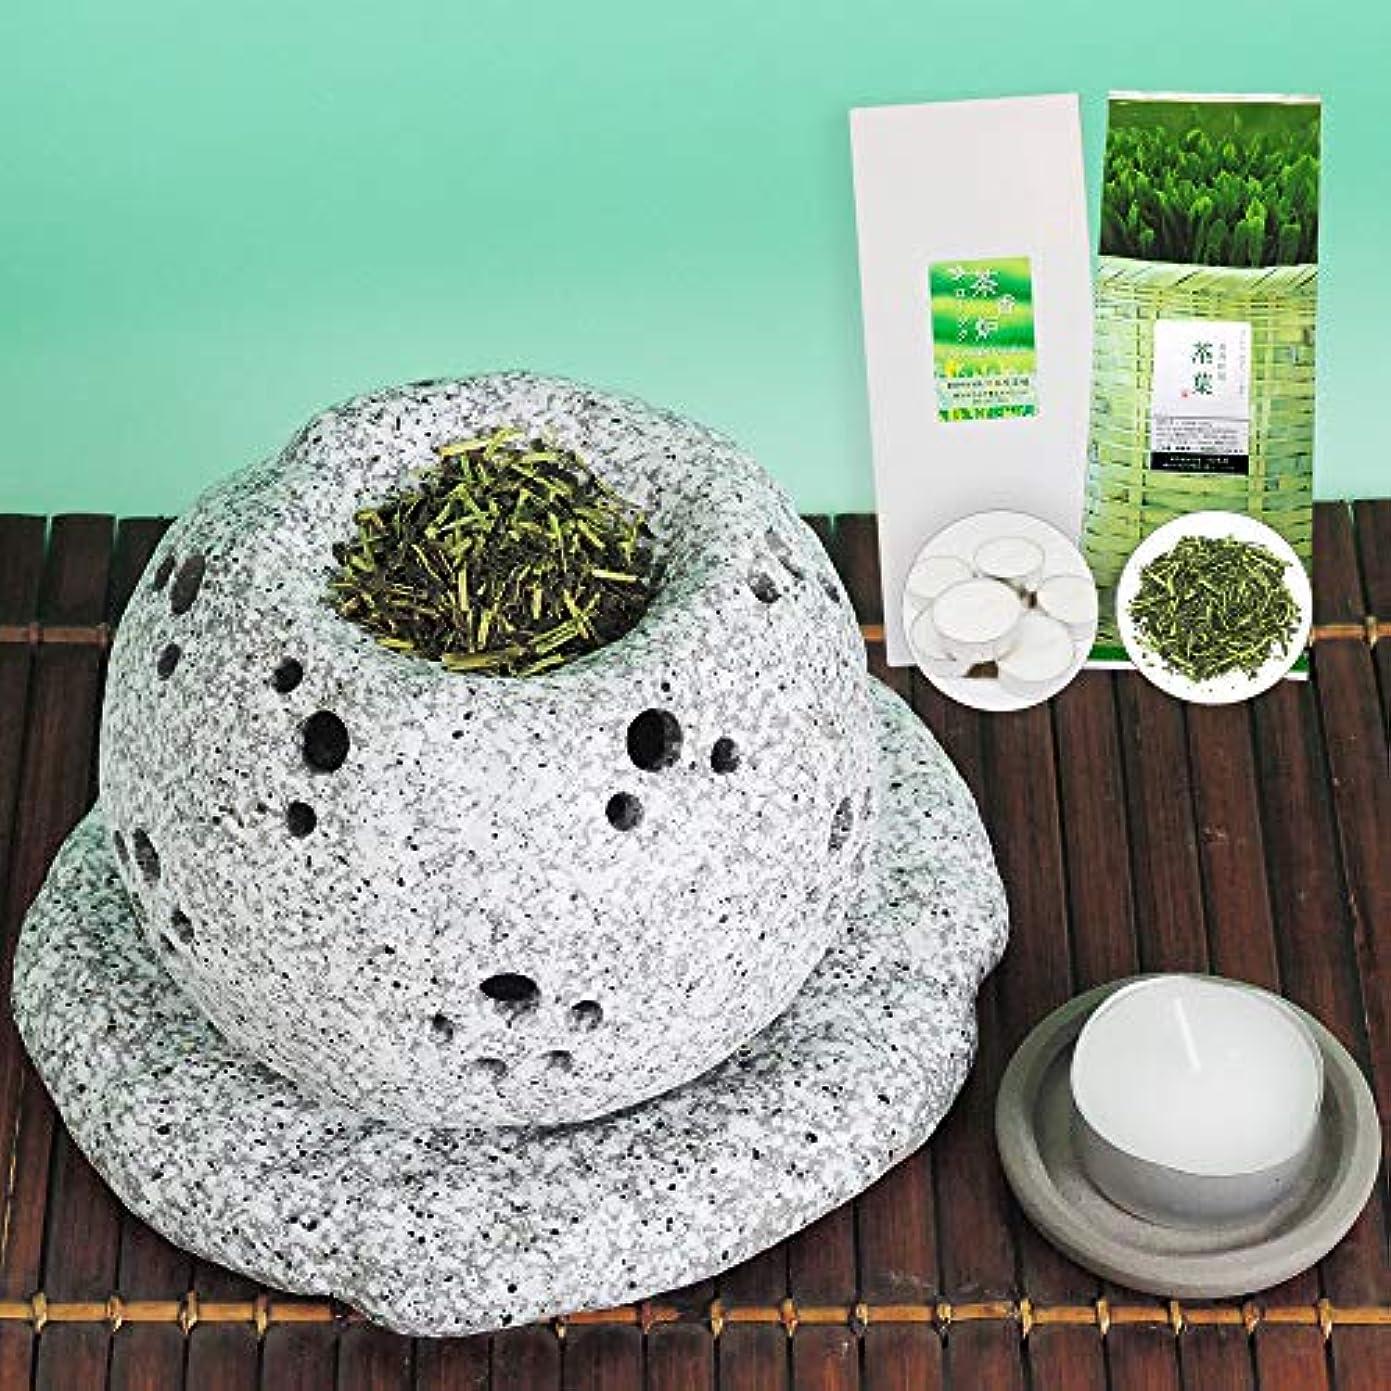 カーペット広範囲に単に元祖 茶香炉セット 茶香炉専用茶葉&ローソク付 川本屋茶舗